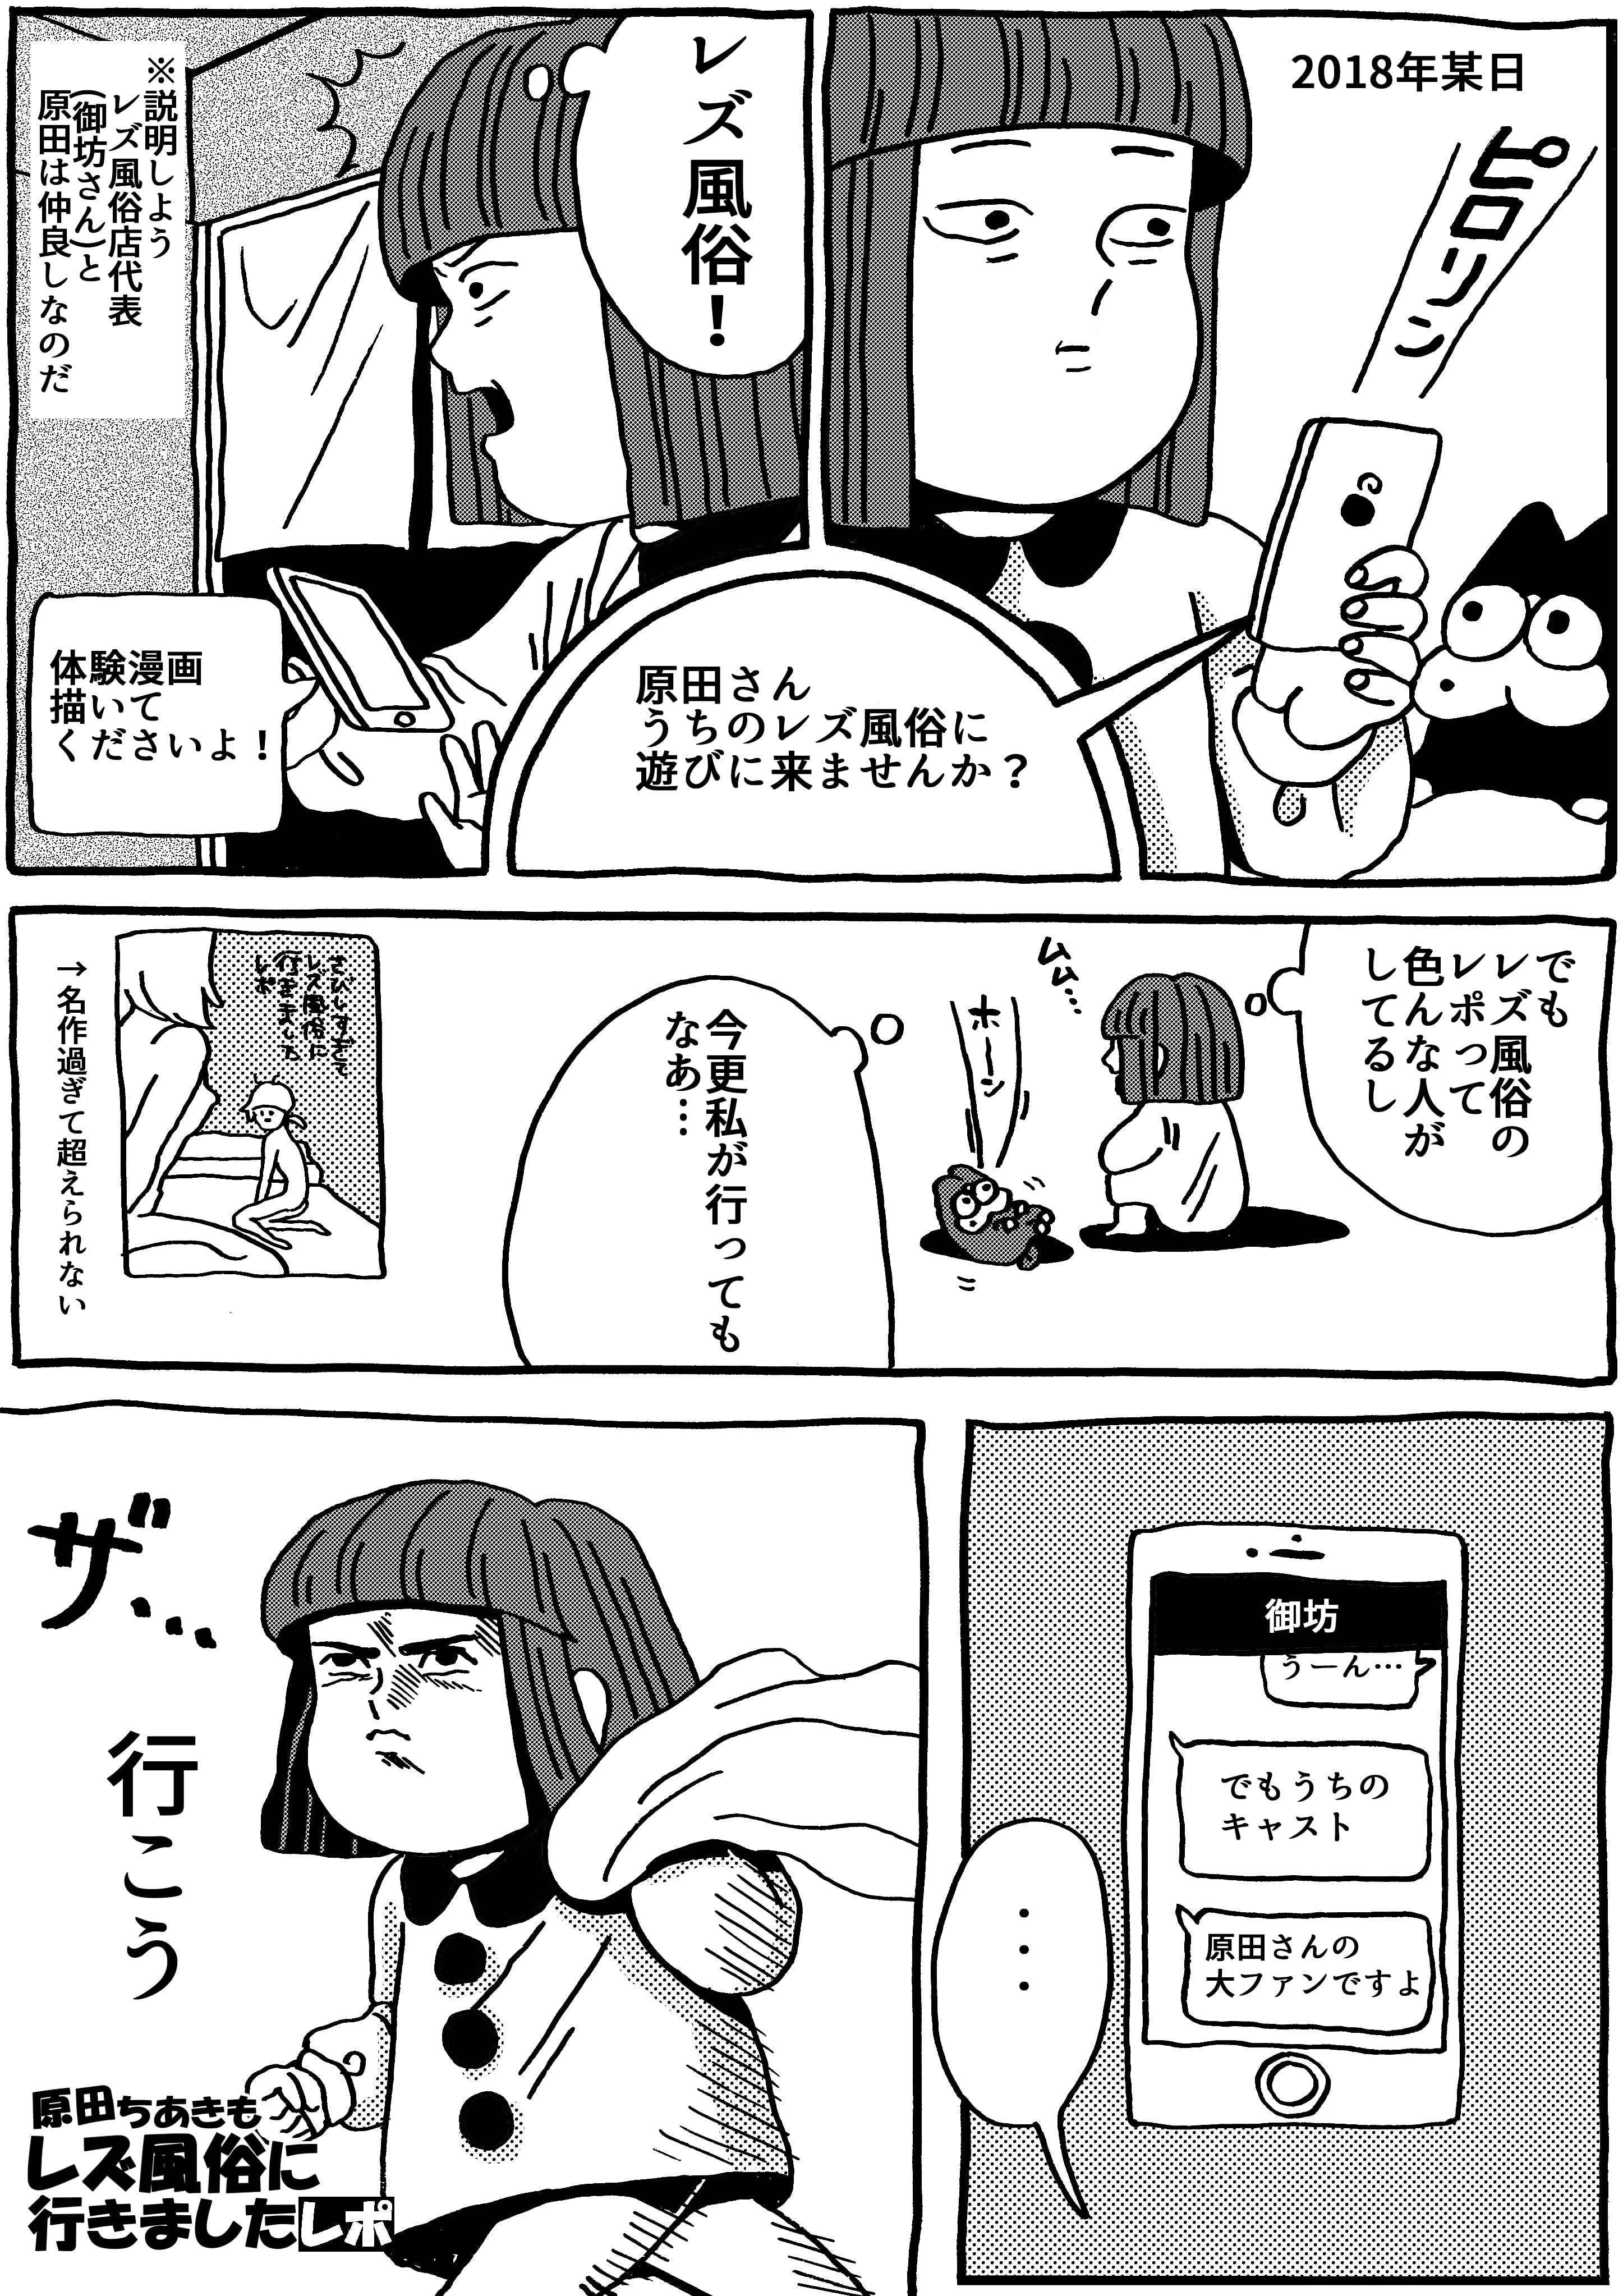 『原田ちあきもレズ風俗に行きましたレポ』を公開しました!